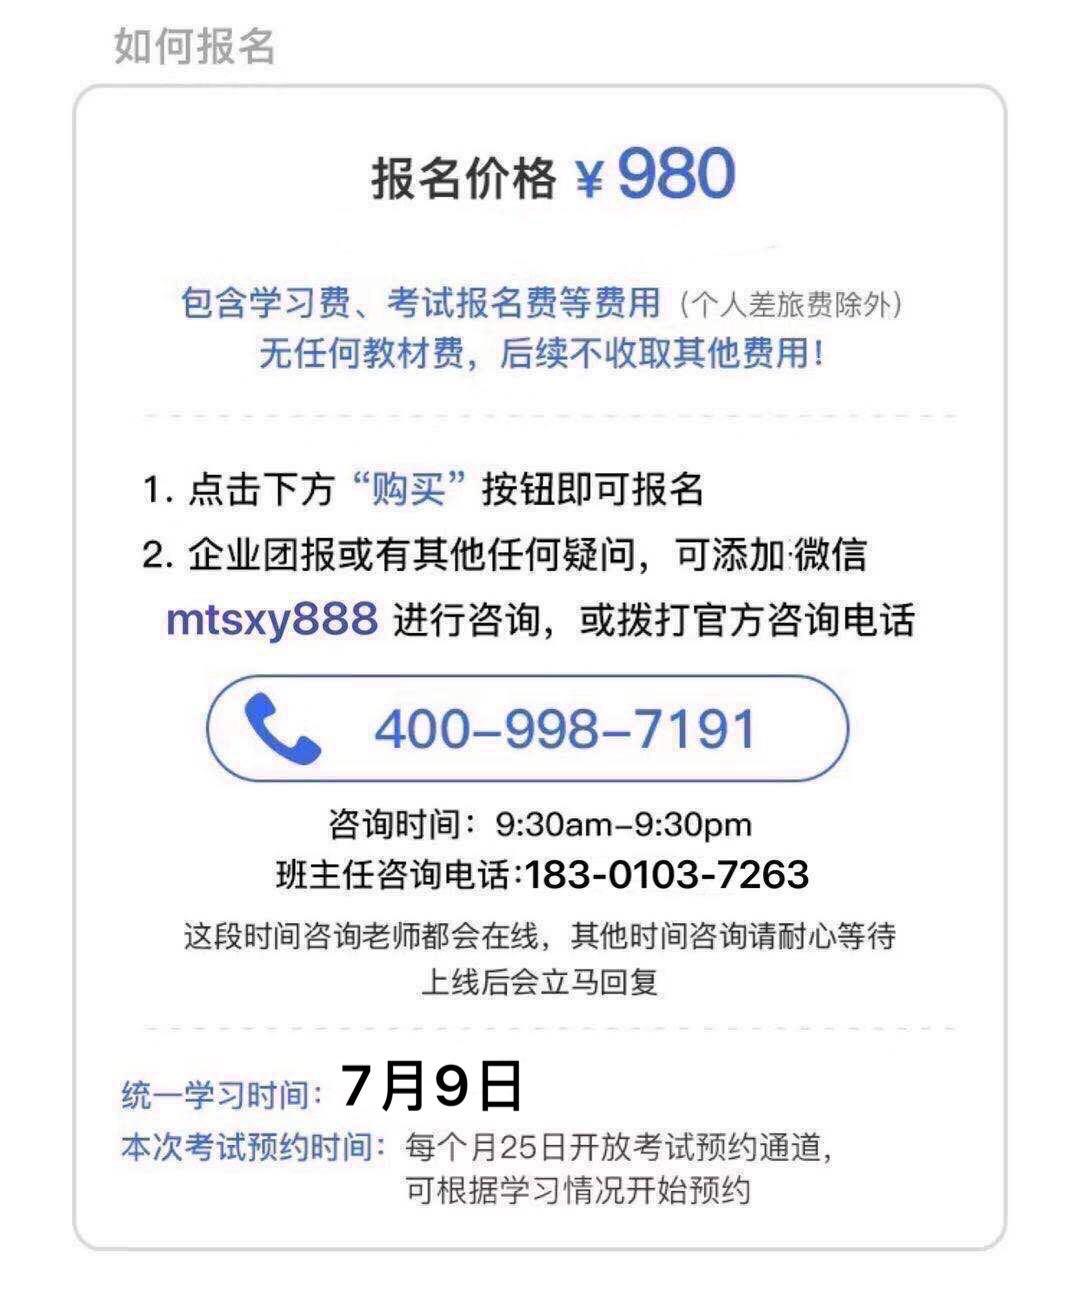 http://mtedu-img.oss-cn-beijing-internal.aliyuncs.com/ueditor/20200629152840_602452.jpeg